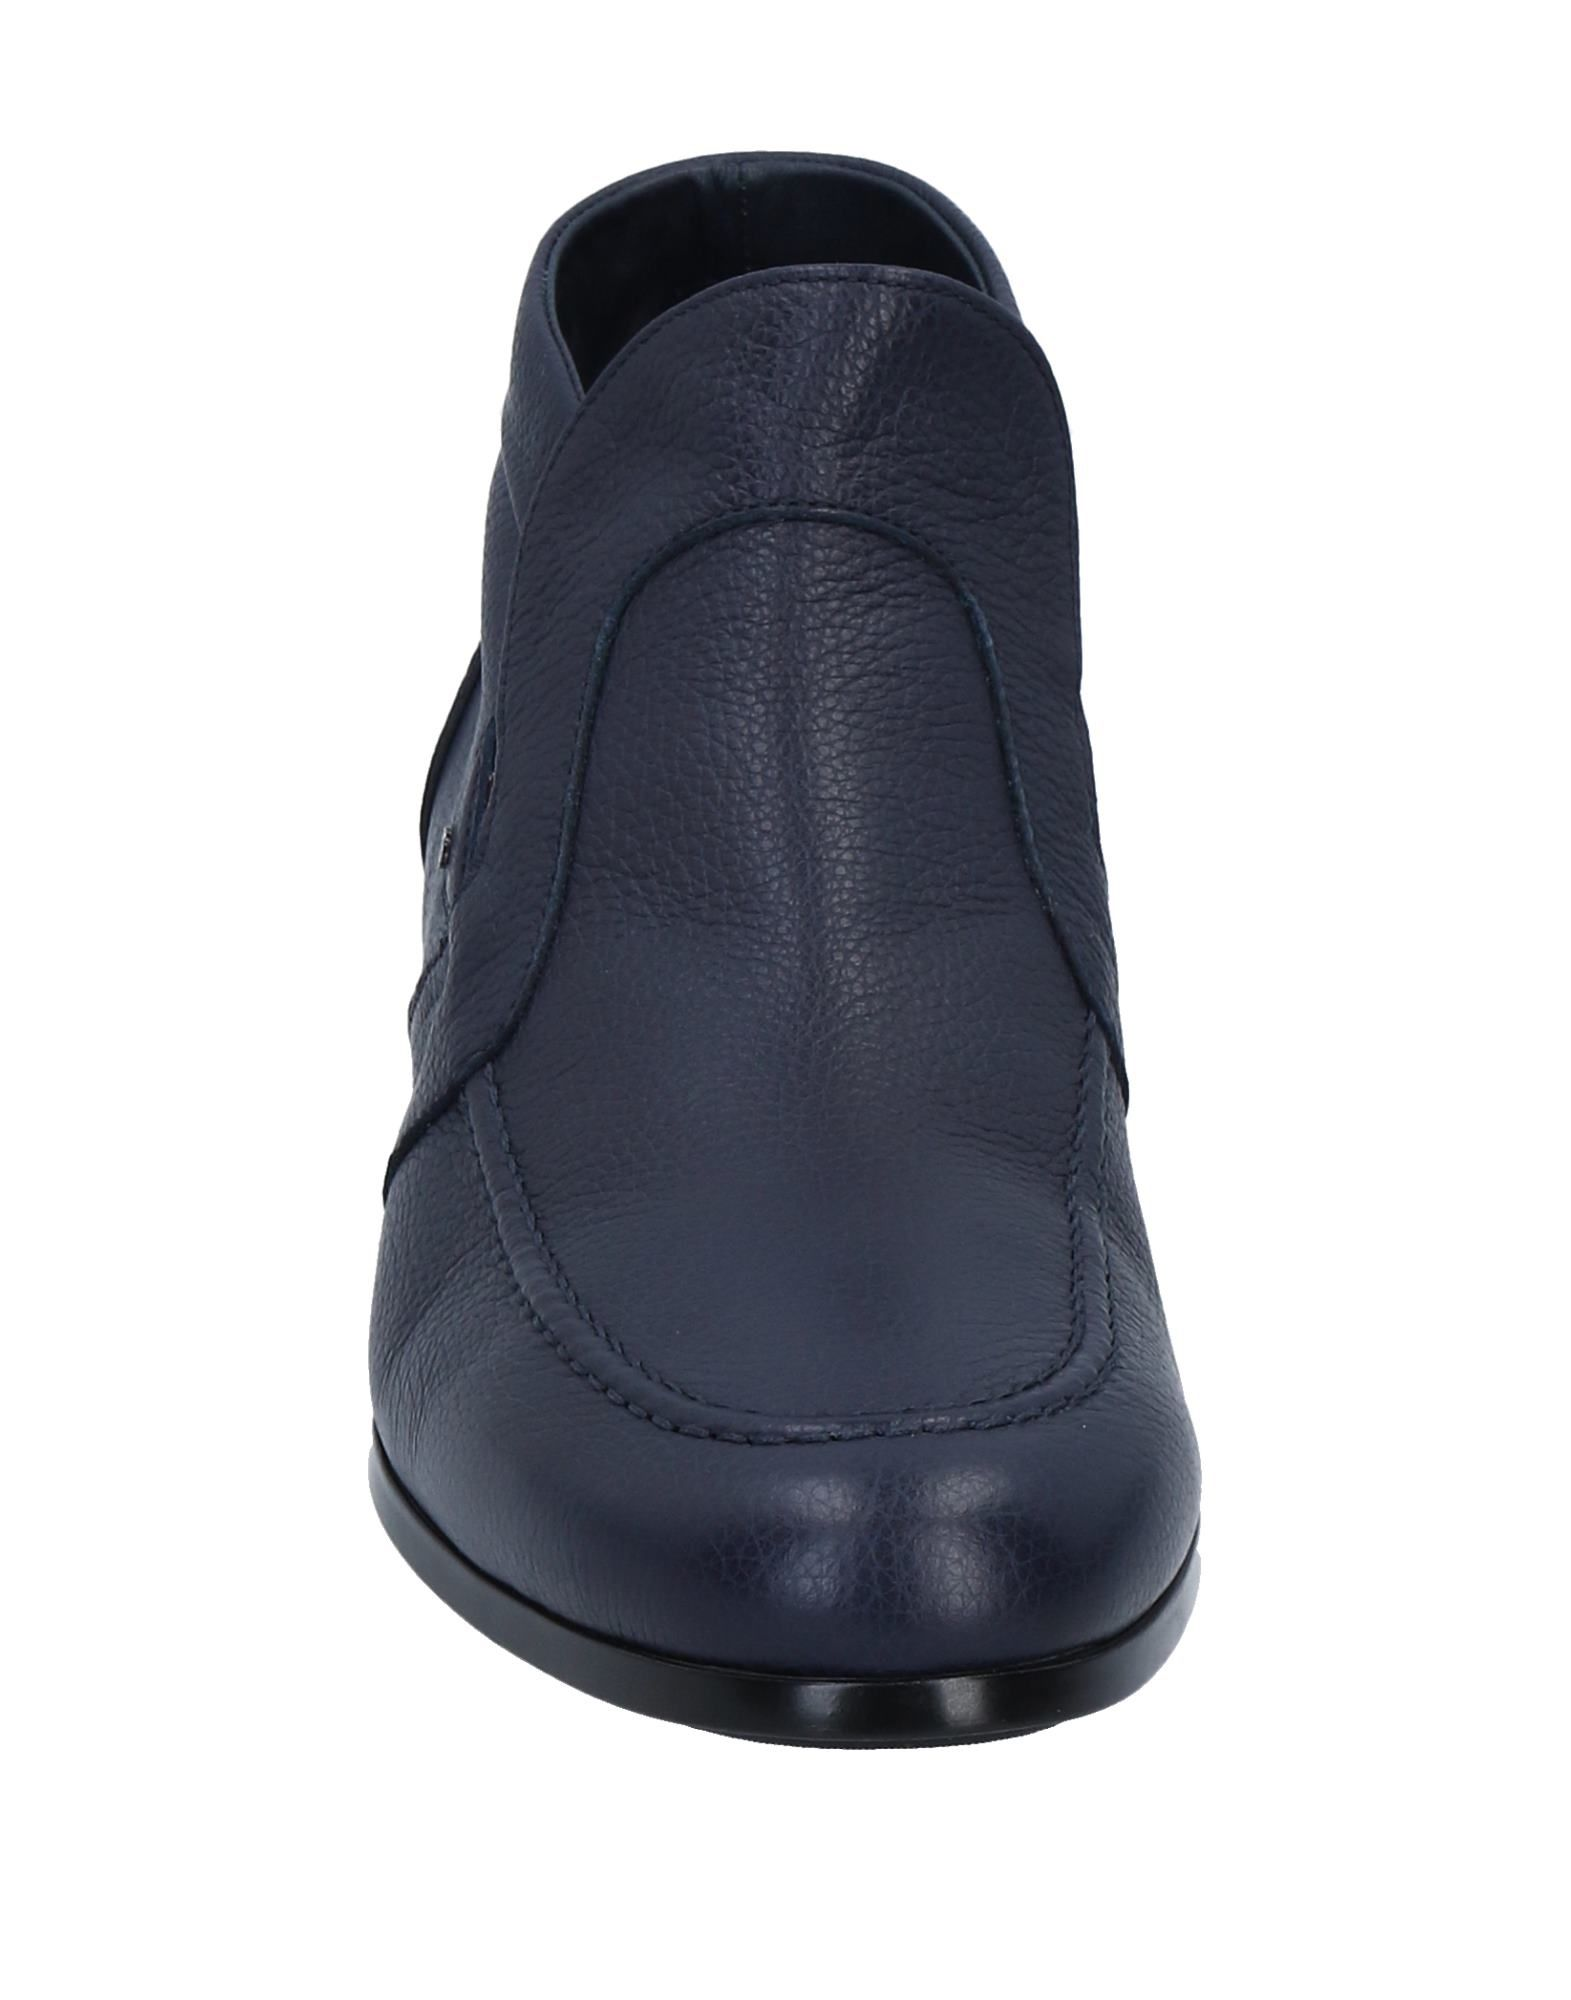 Fabi Stiefelette Herren  11532342PP Schuhe Heiße Schuhe 11532342PP 9cdb13